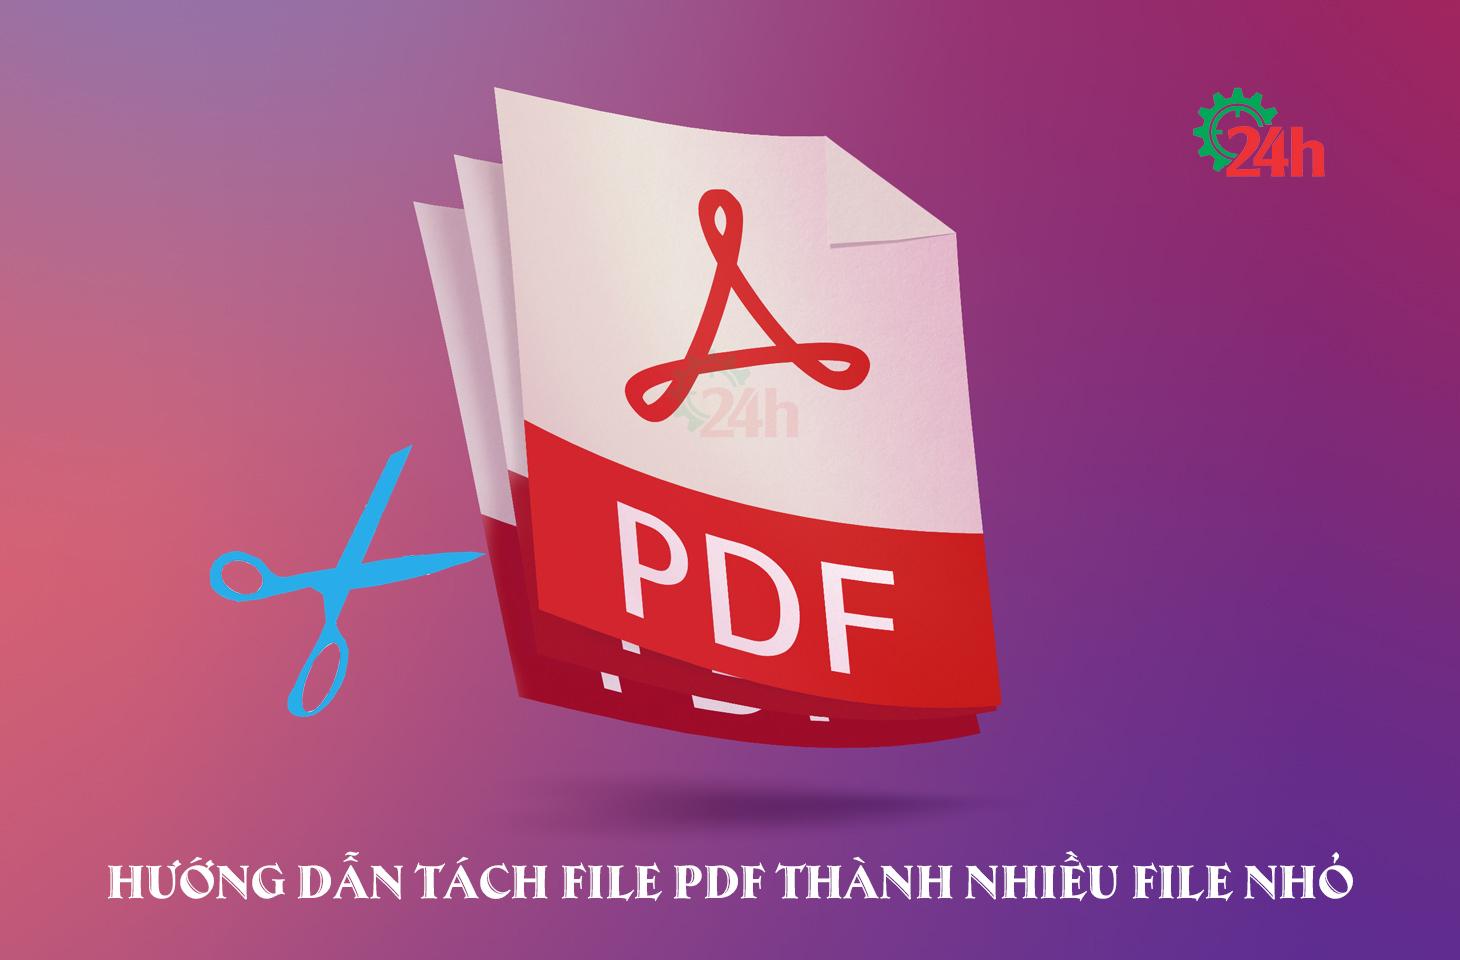 huong-dan-tach-file-pdf-thanh-nhieu-file-nho